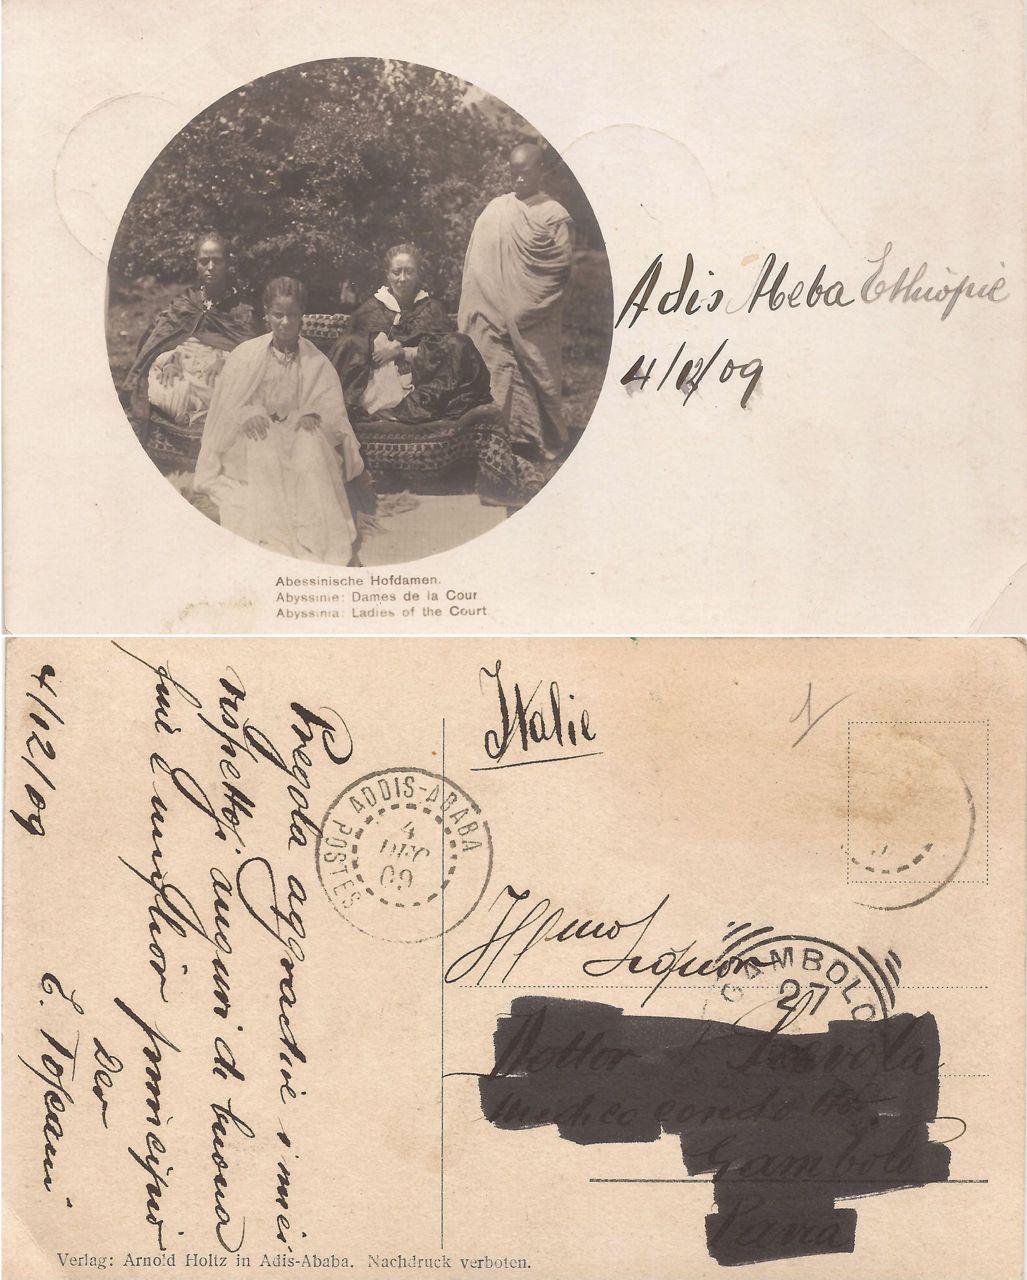 Adis Abeba 1909